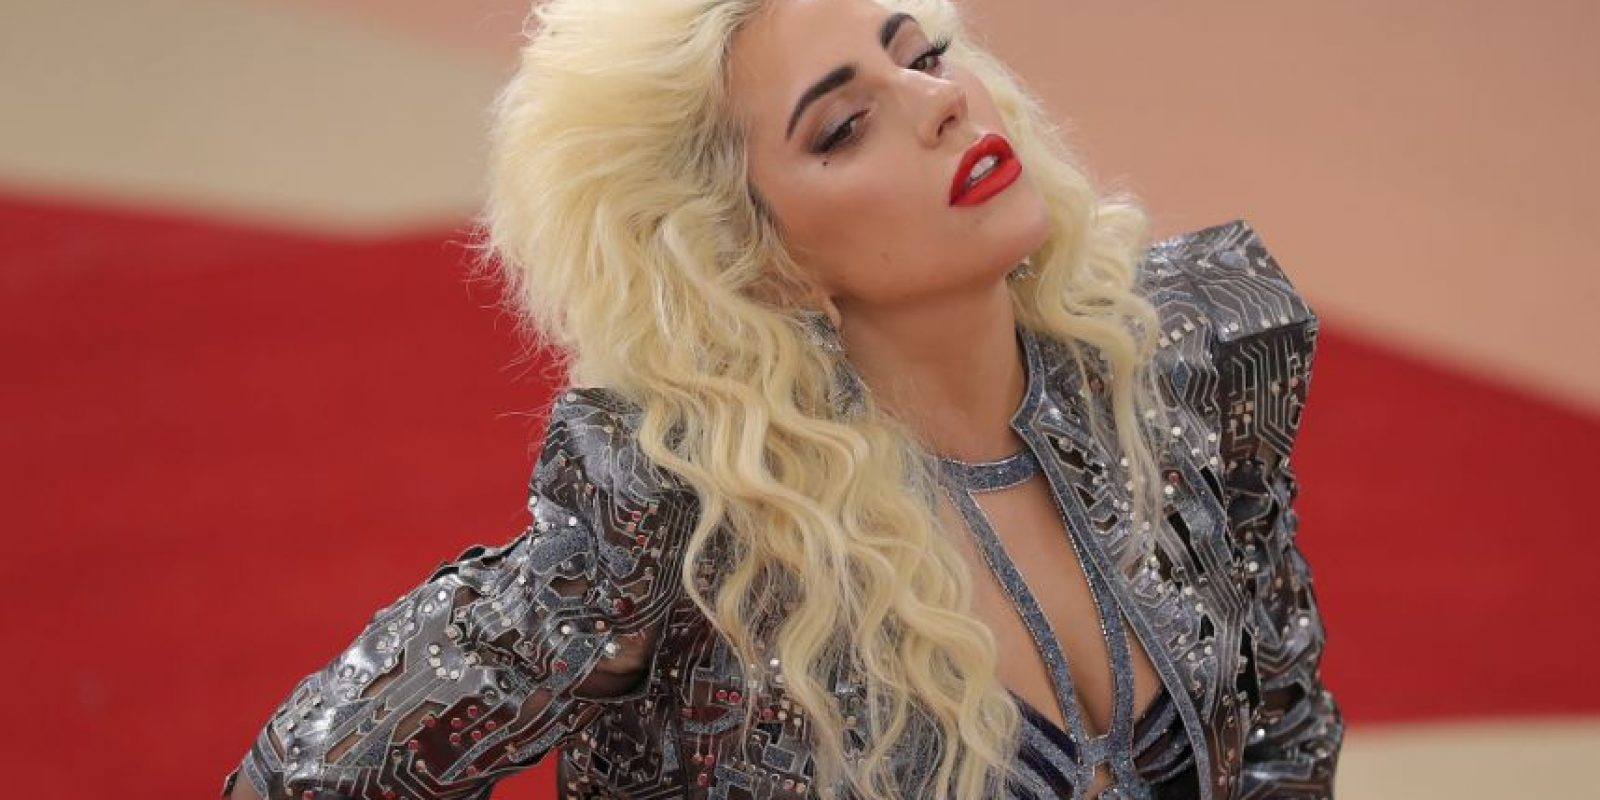 La cantante se hizo unos cambios en el rostro Foto:Getty Images